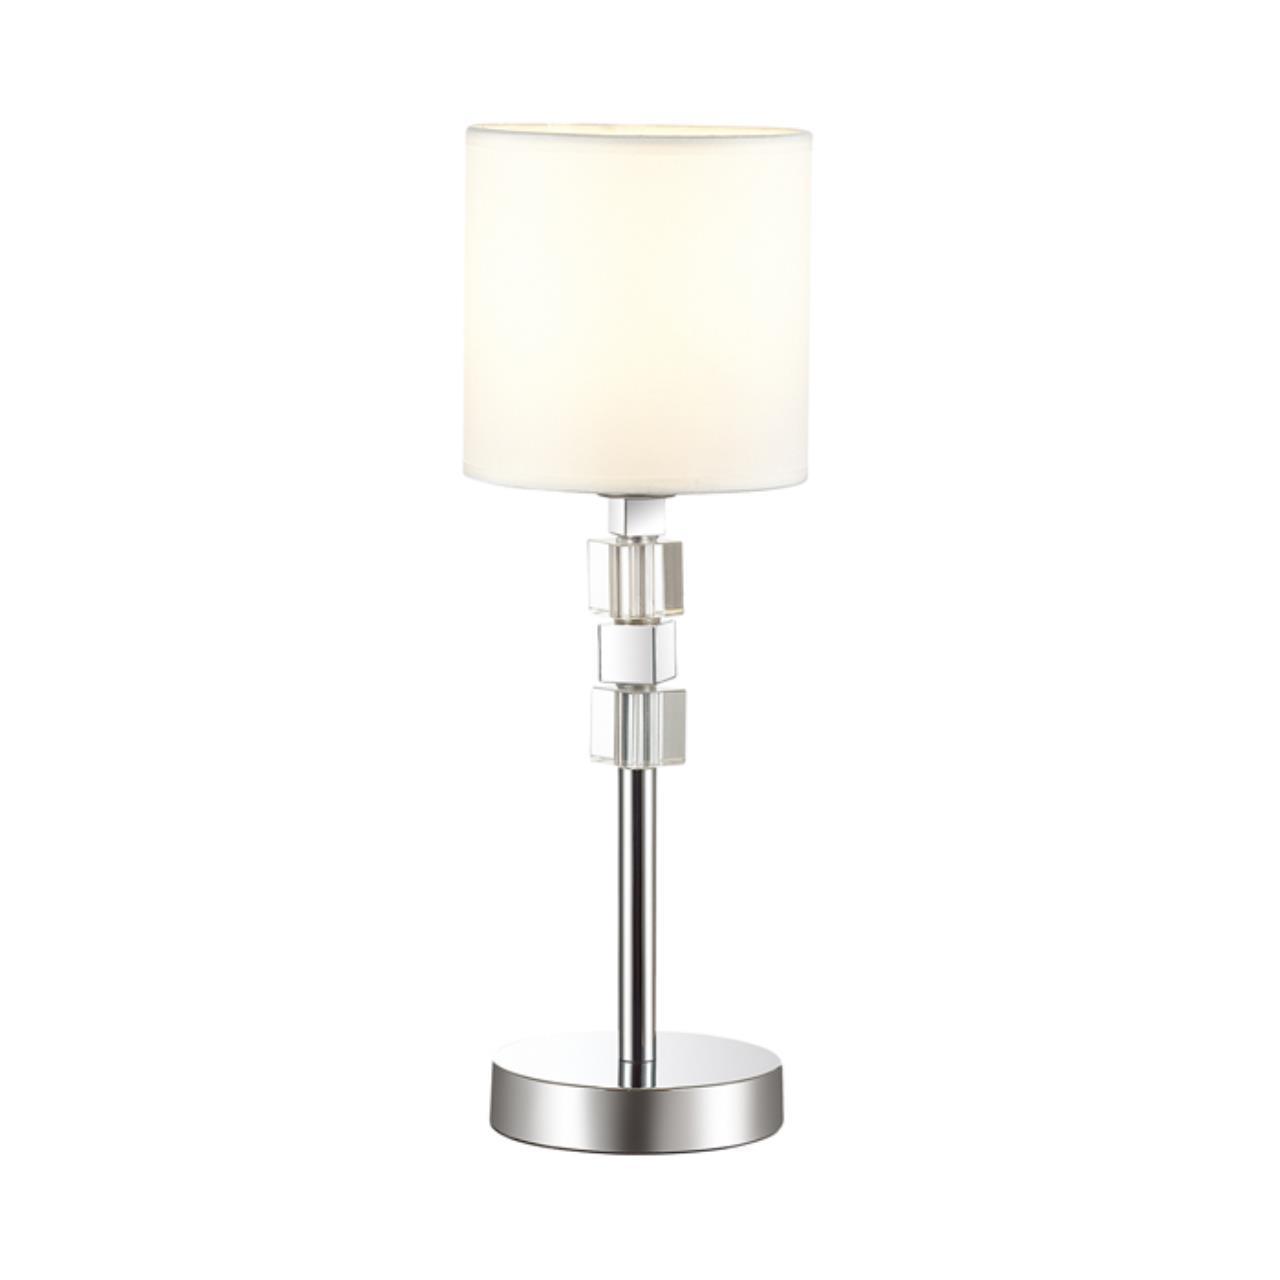 4113/1T MODERN ODL19 286 хром/хрусталь/белый Настольная лампа E14 1*40W PAVIA